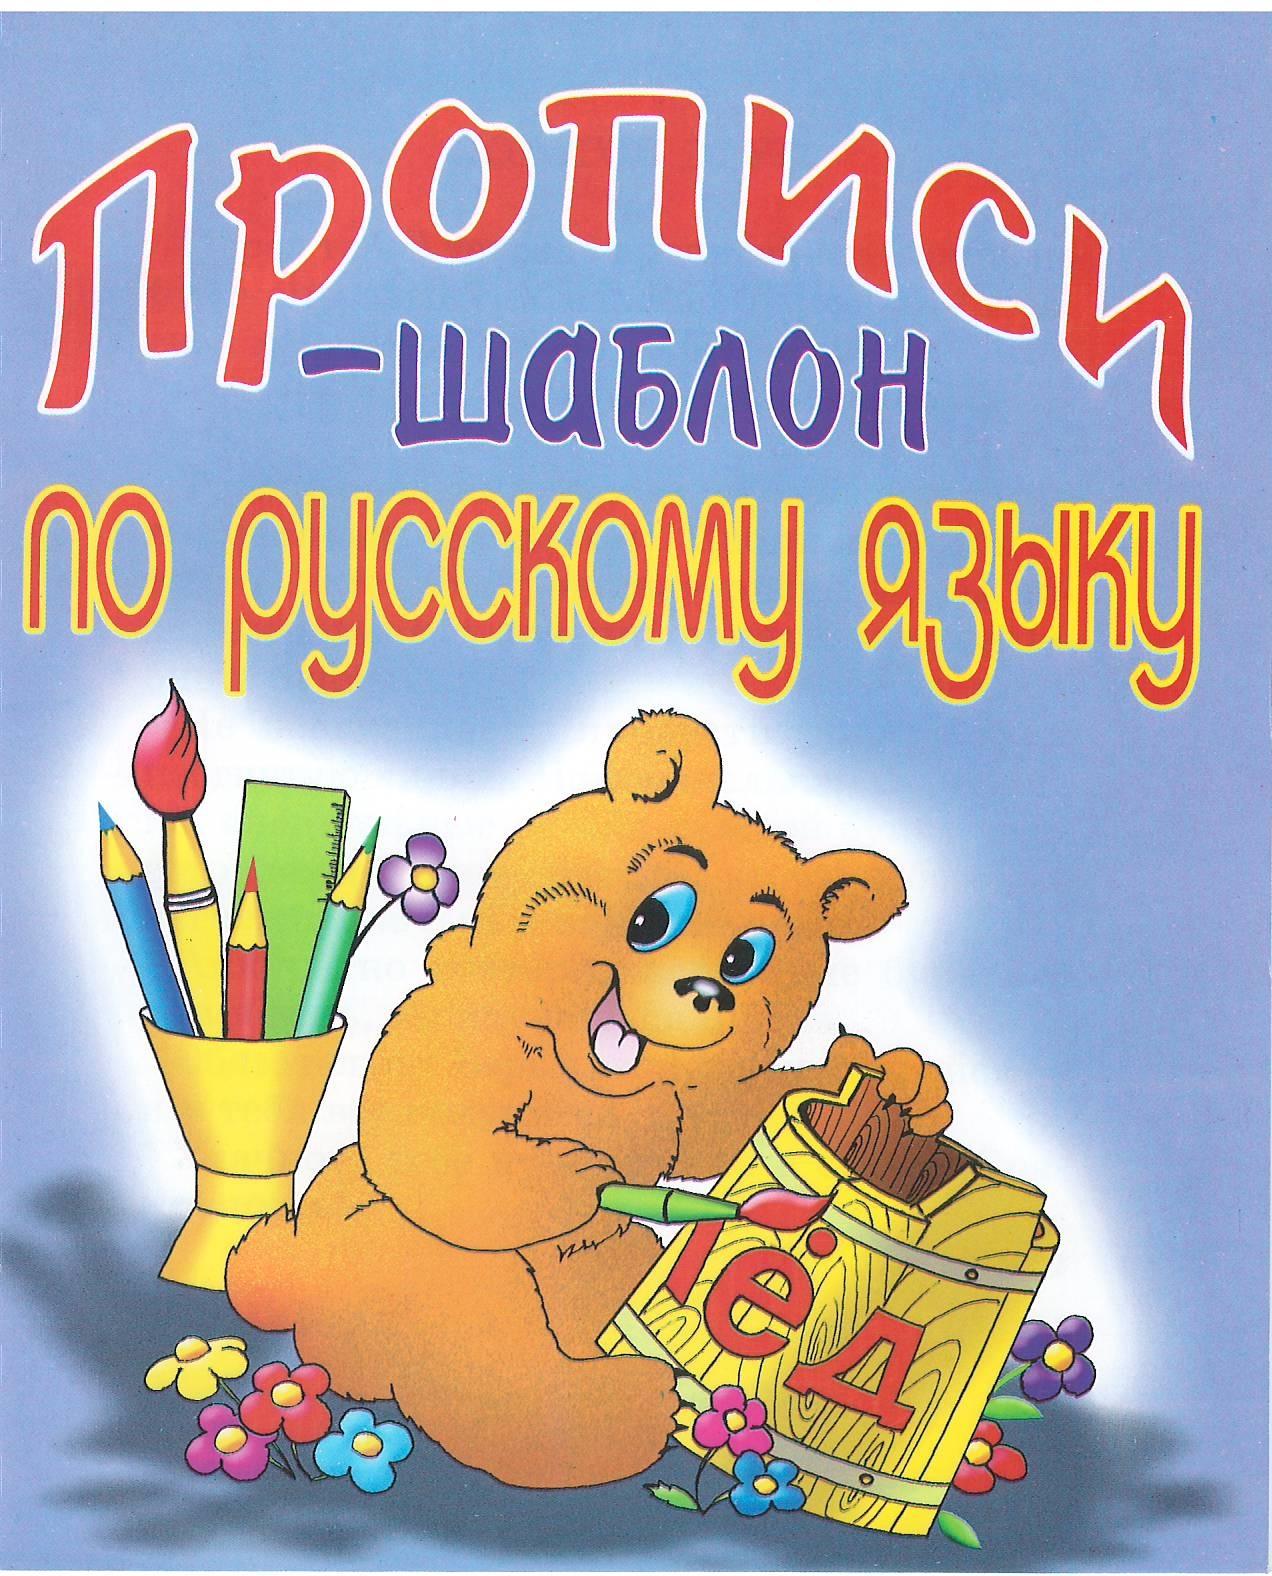 Прописи-шаблон по русскому языку (Мишка пишет мелом)